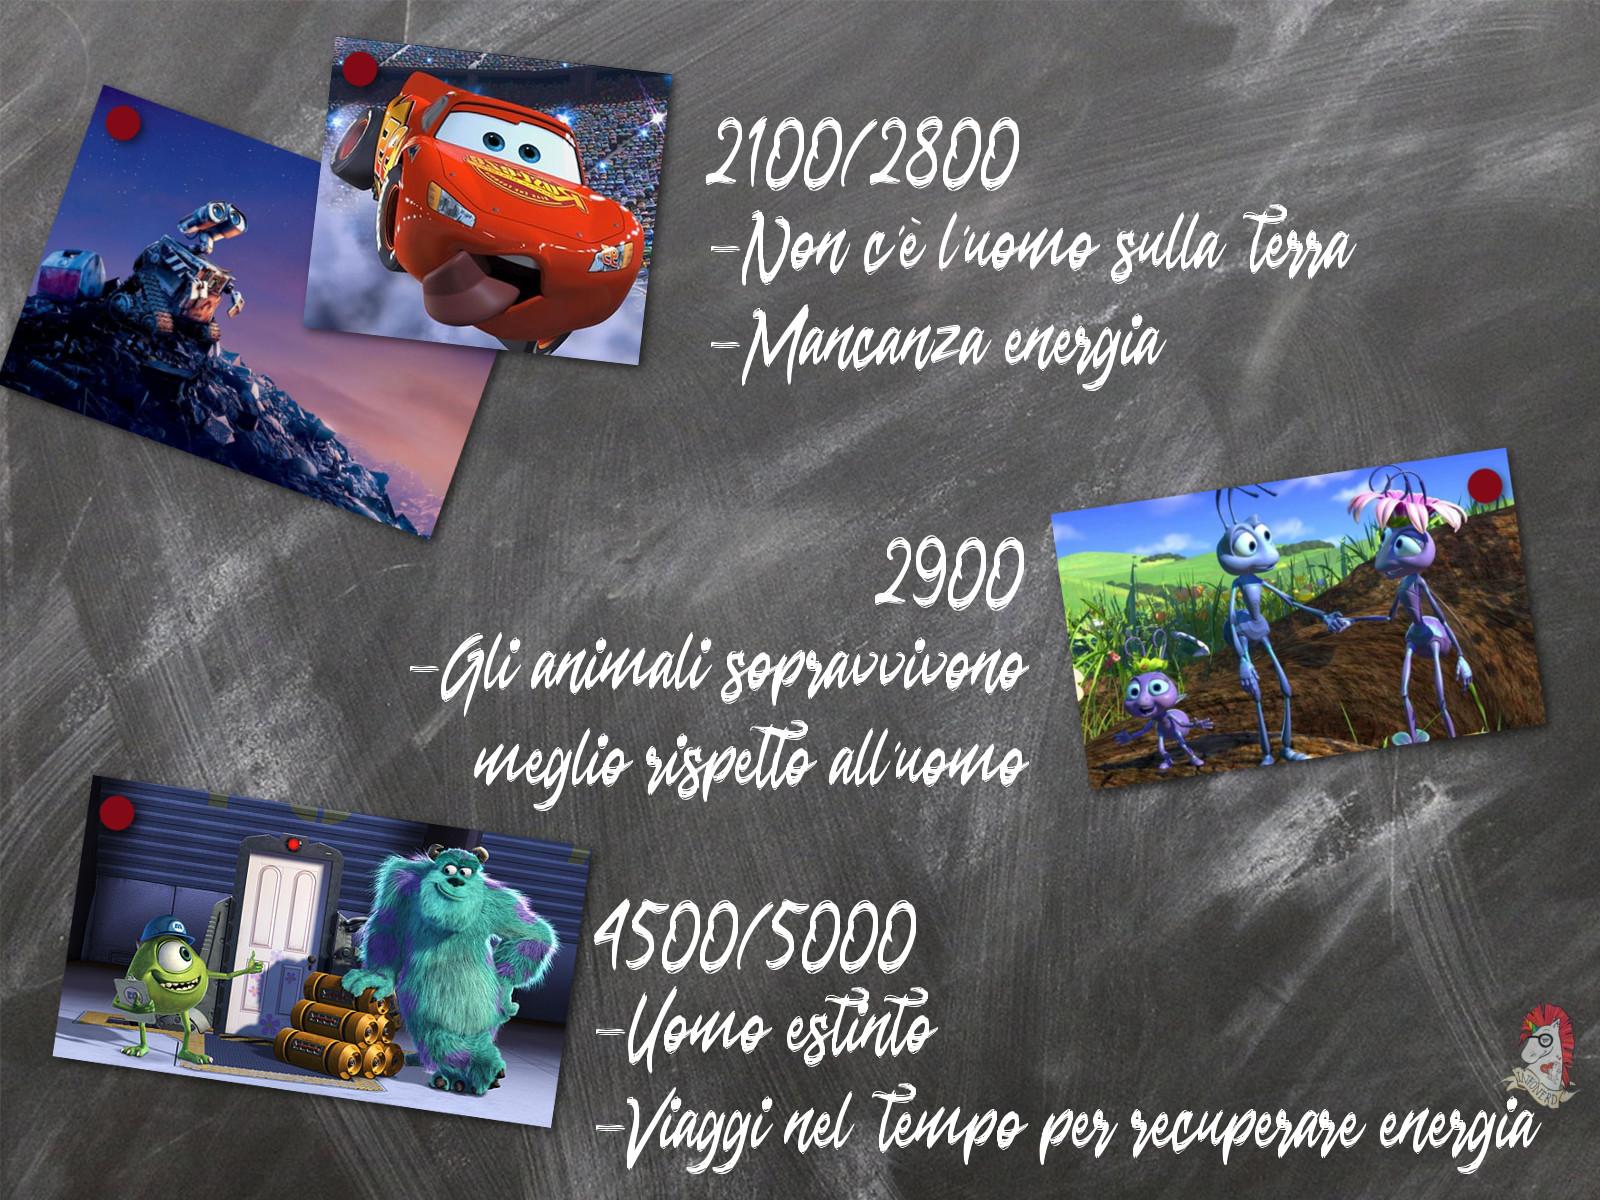 La conclusione della teoria Pixar.